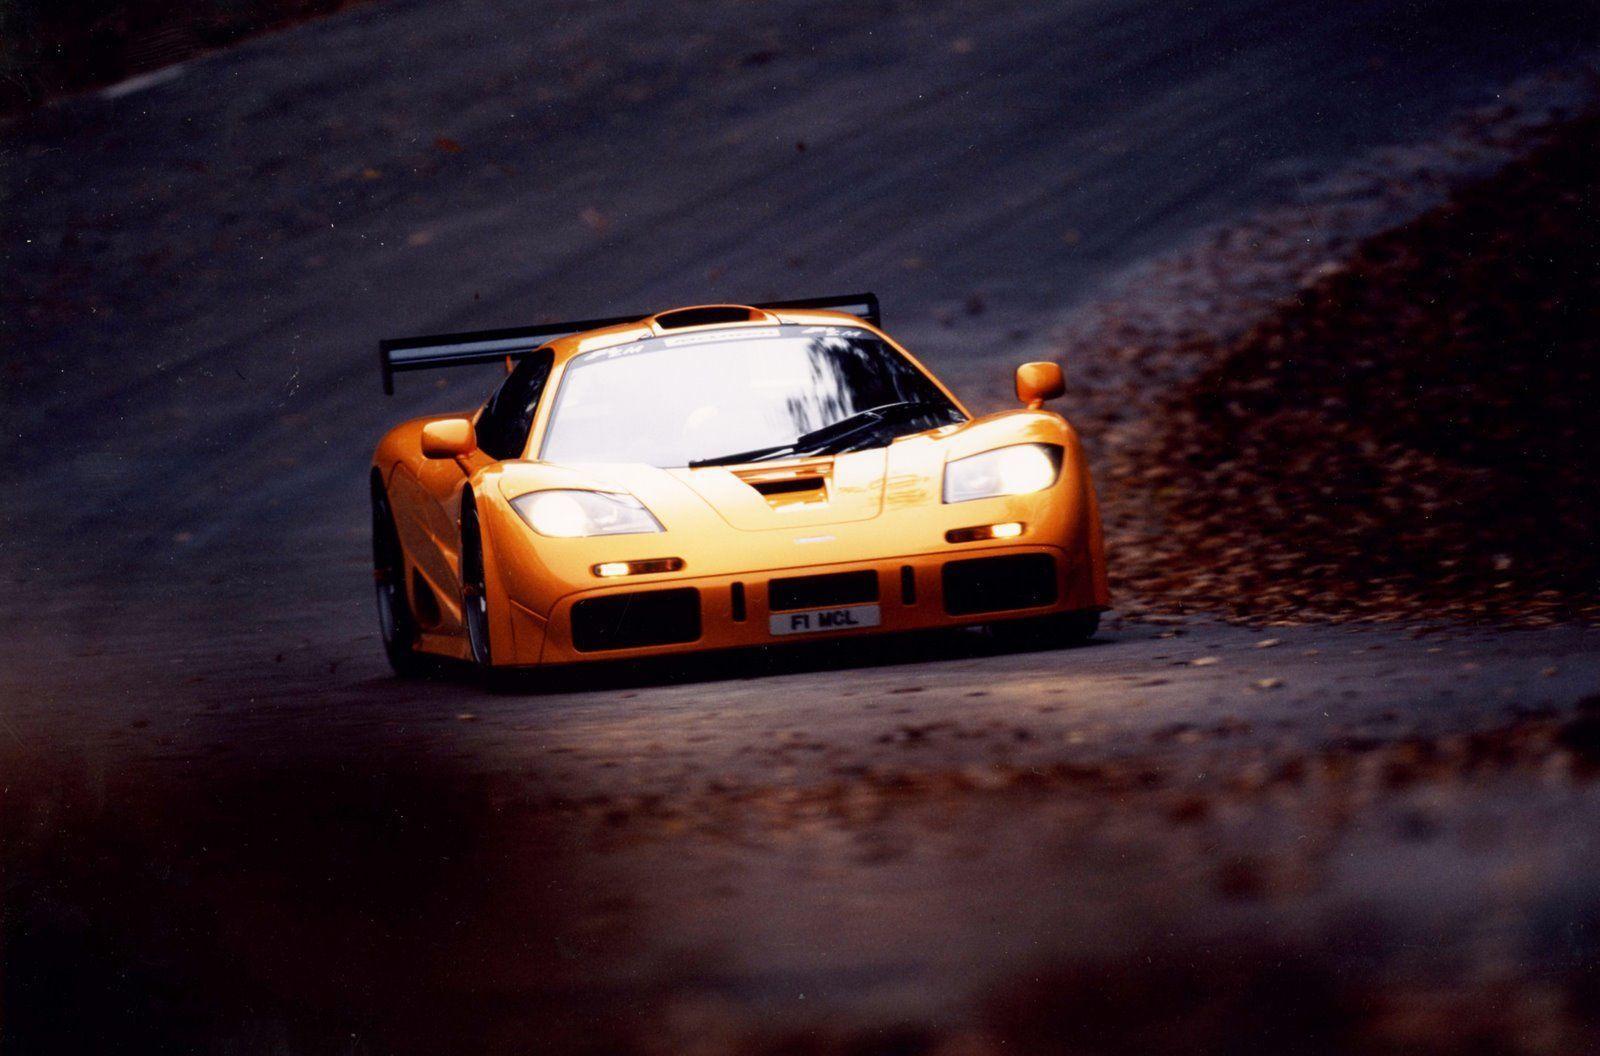 Mclaren F1 Wallpapers Wallpaper Cave